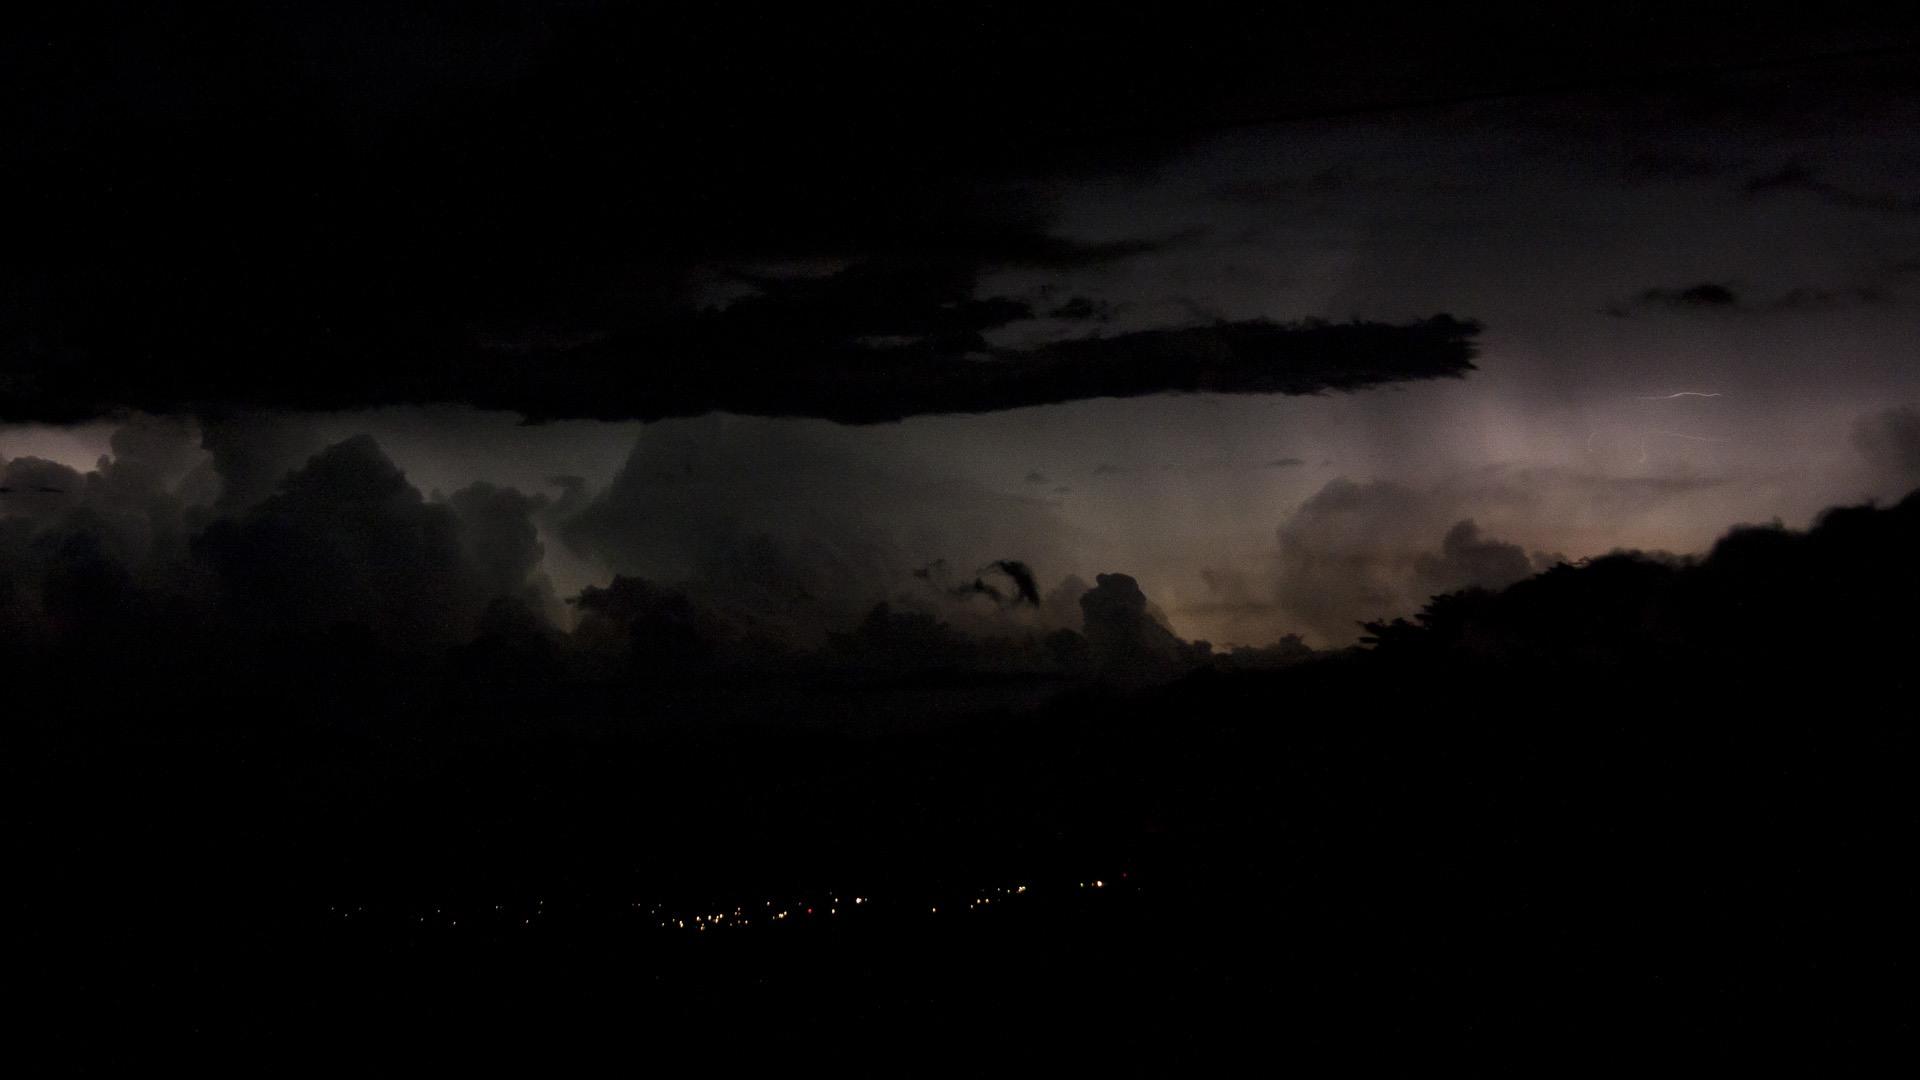 Distant Thunderstorm desktop wallpaper 1920x1080